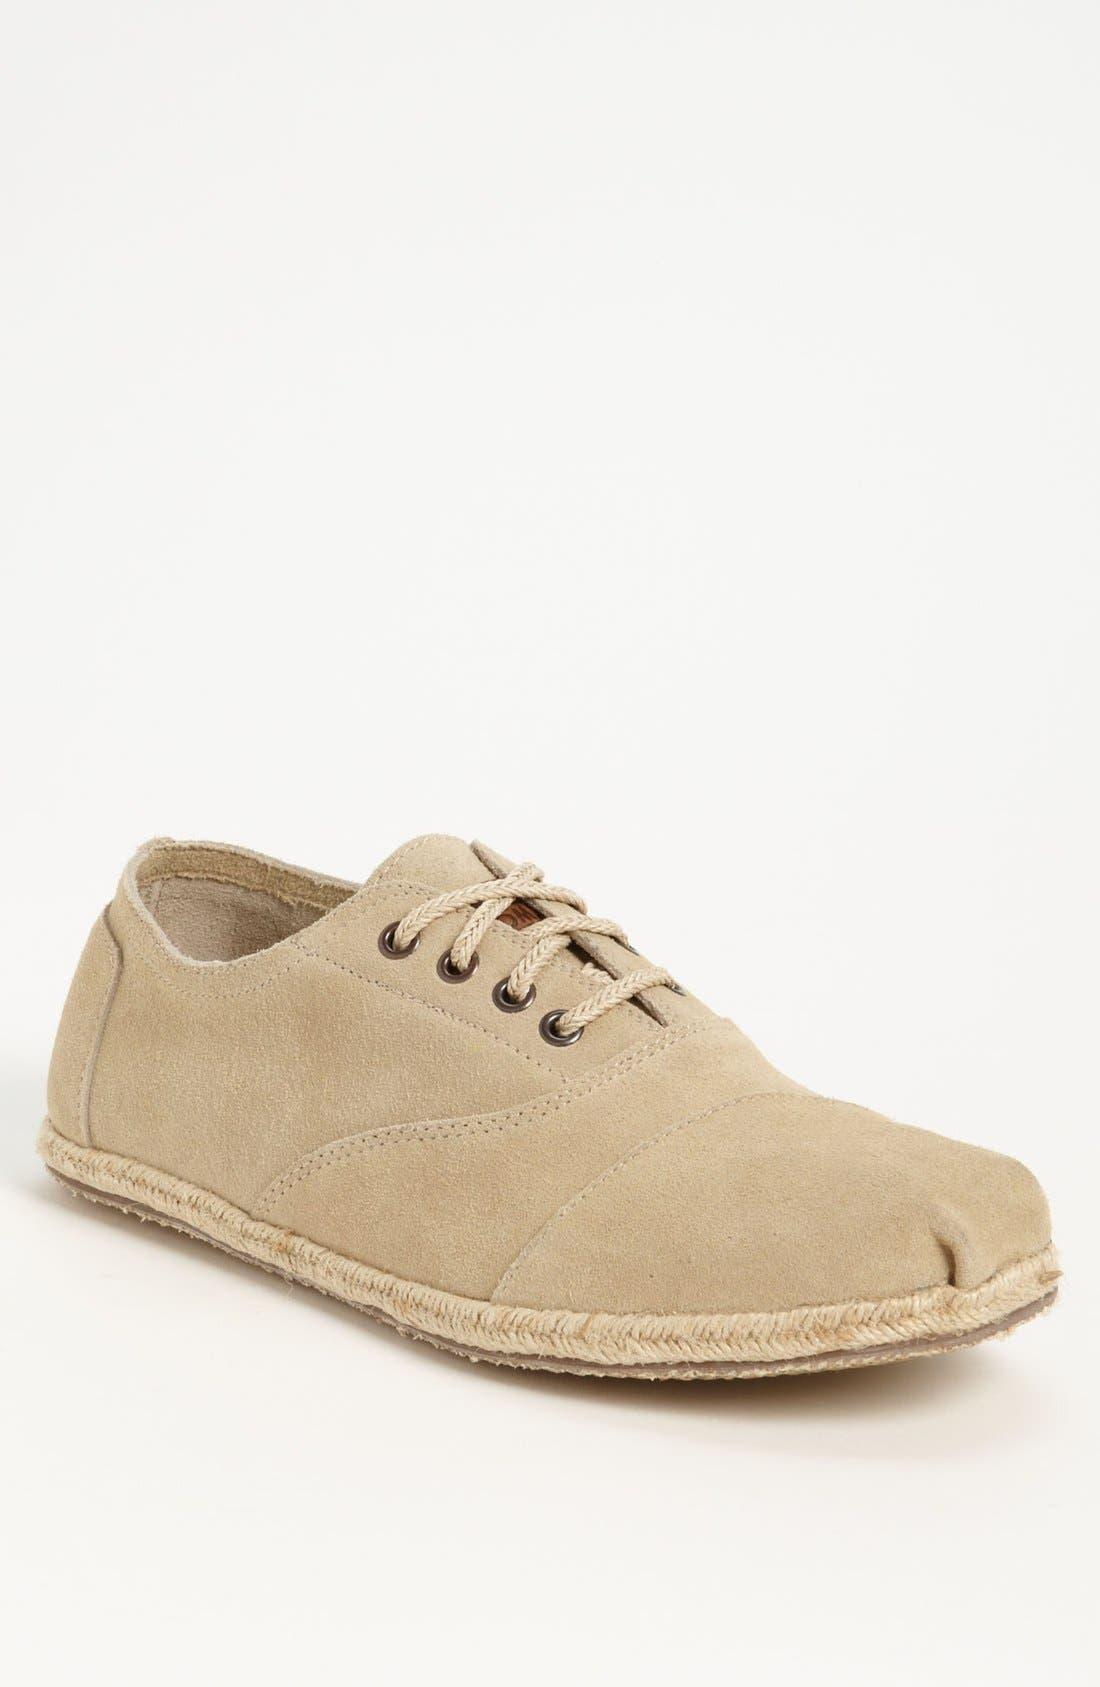 Main Image - TOMS 'Cordones' Suede Sneaker (Men)